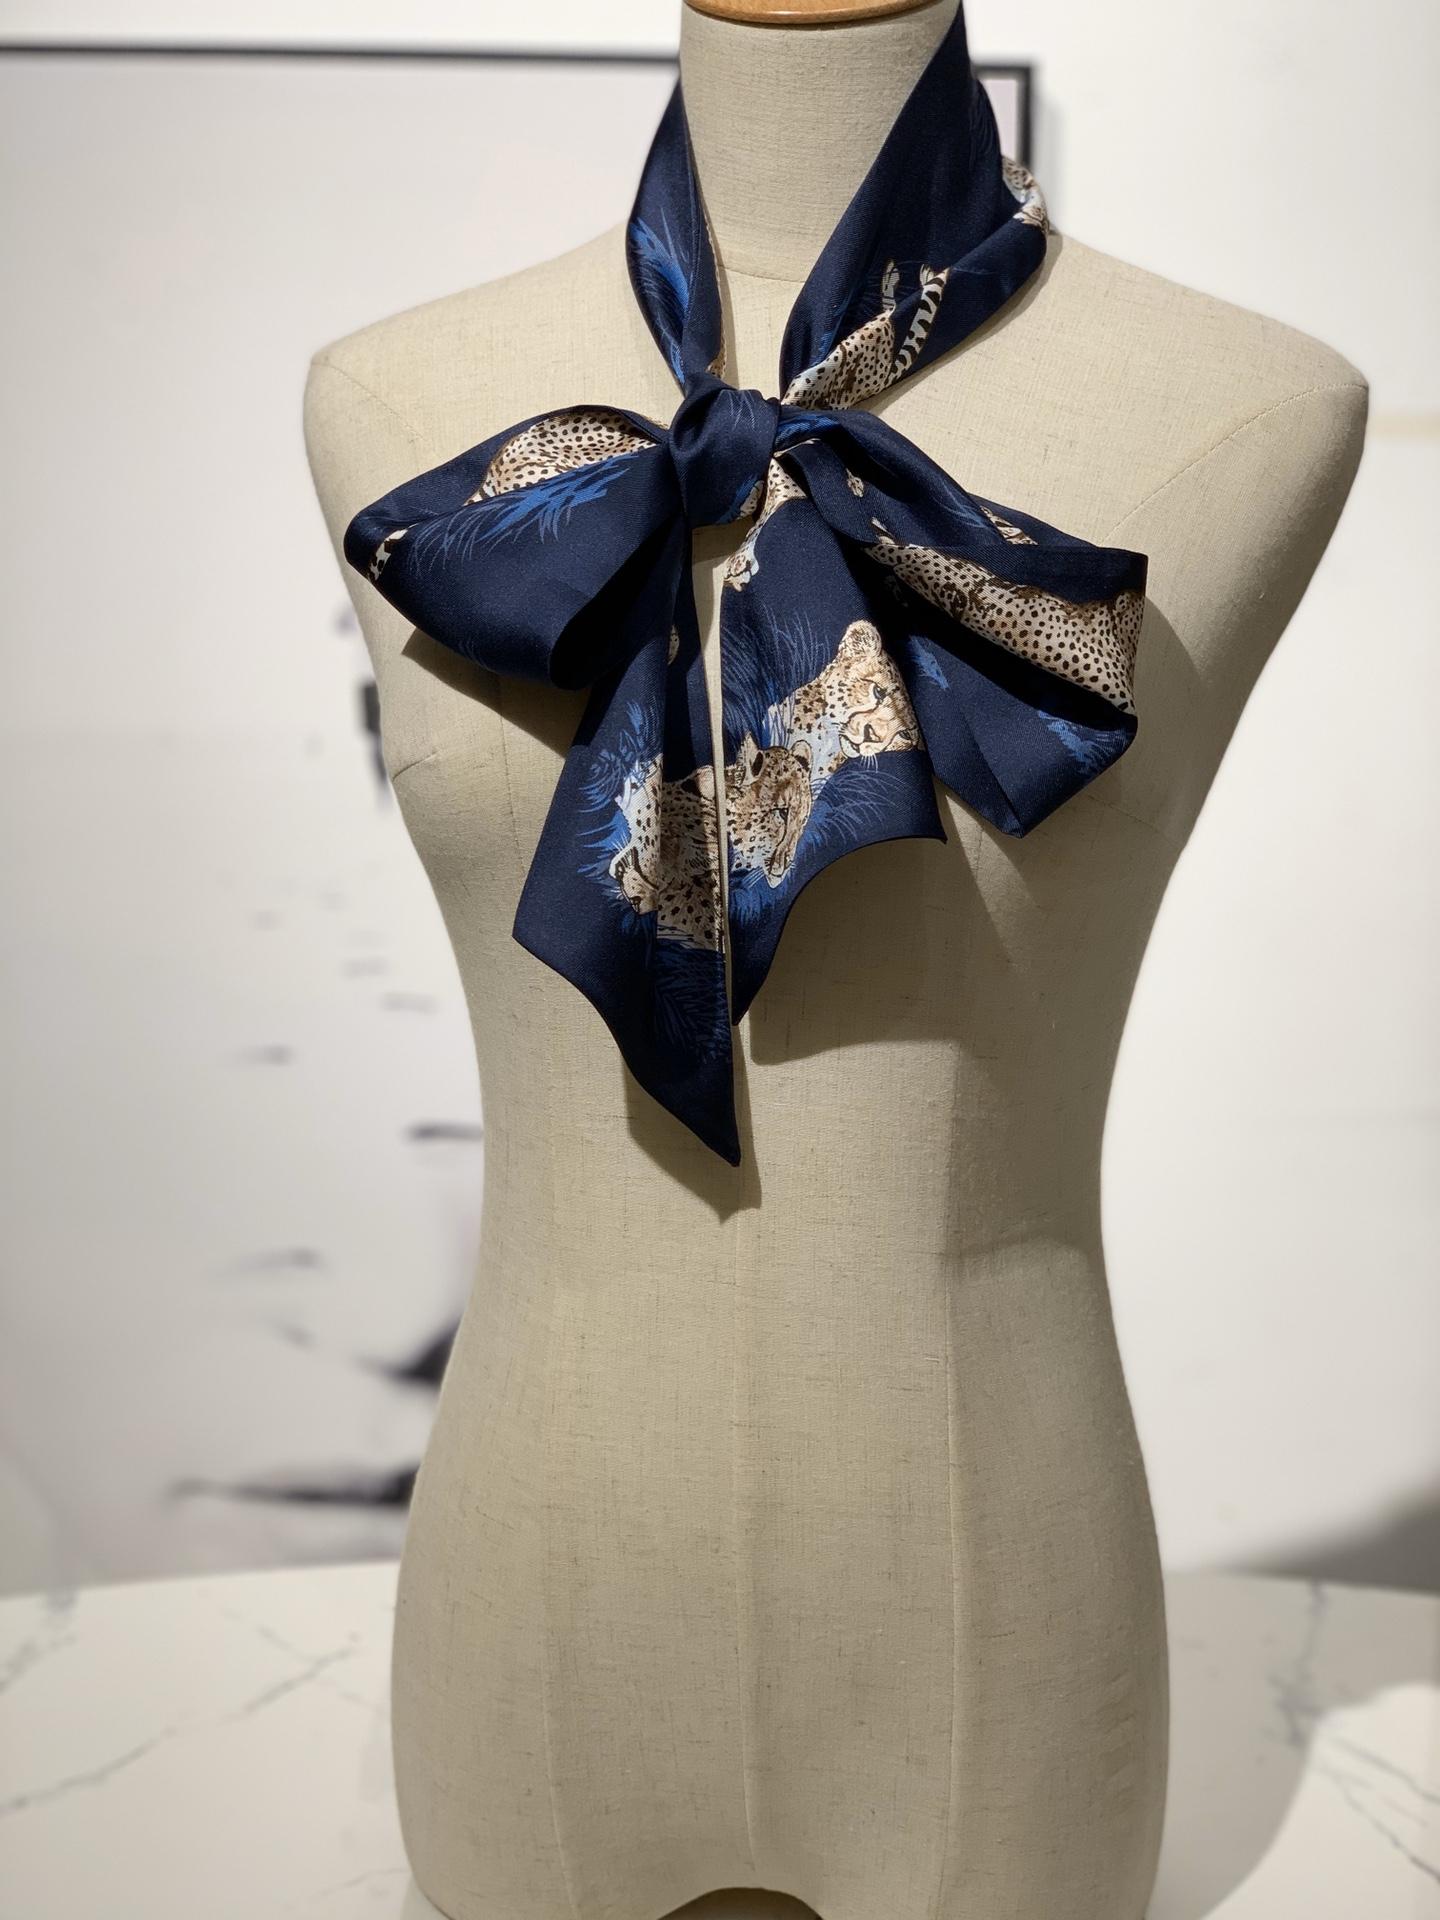 新款 《猎豹》Maxi twitty 藏蓝色 专柜新尺寸 超级百搭实用 10*180cm 100%斜纹真丝